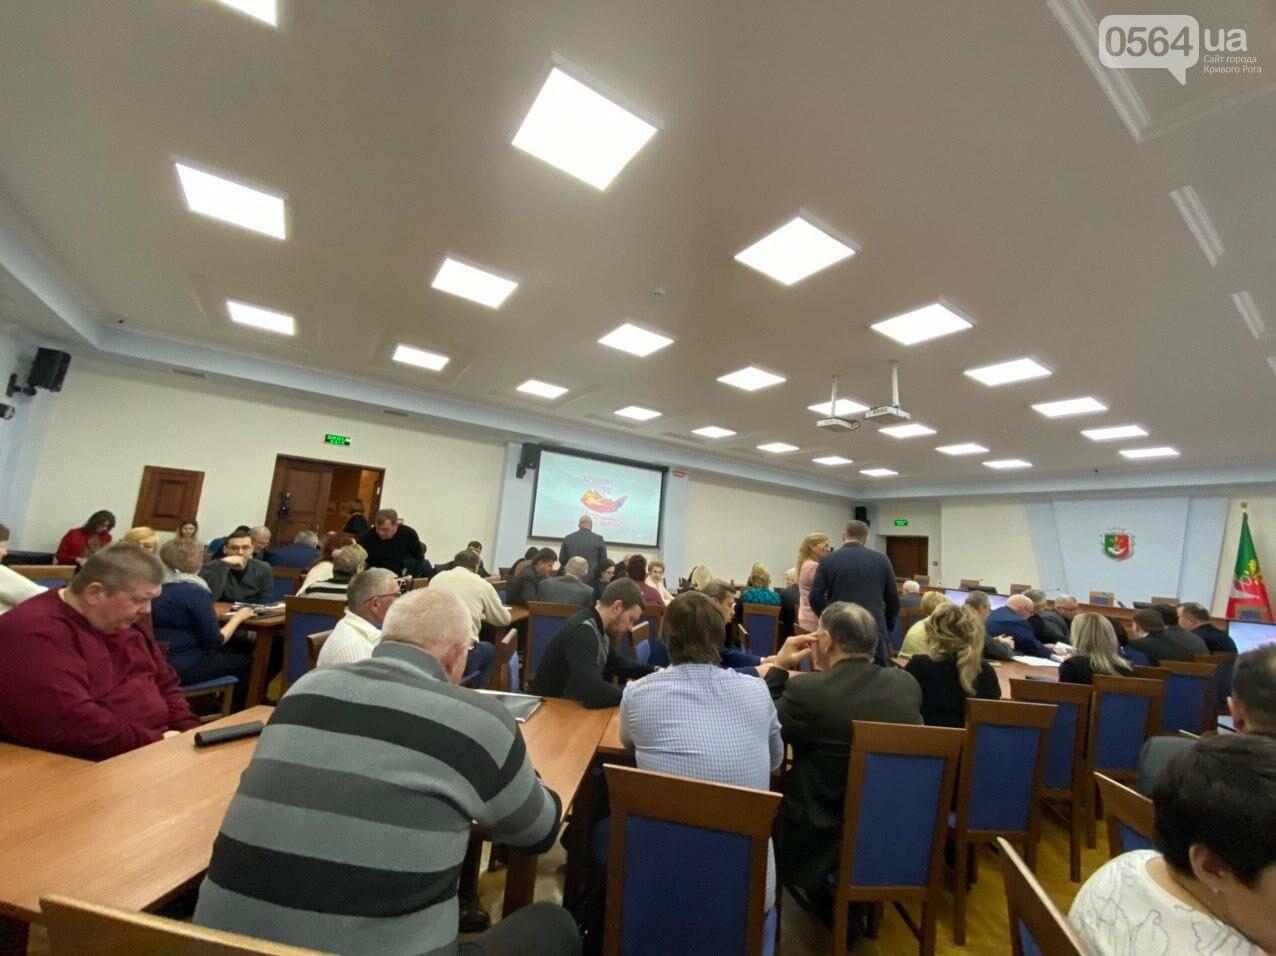 Криворожские чиновники собрались на первое в 2020 заседание горисполкома, - ФОТО, фото-2